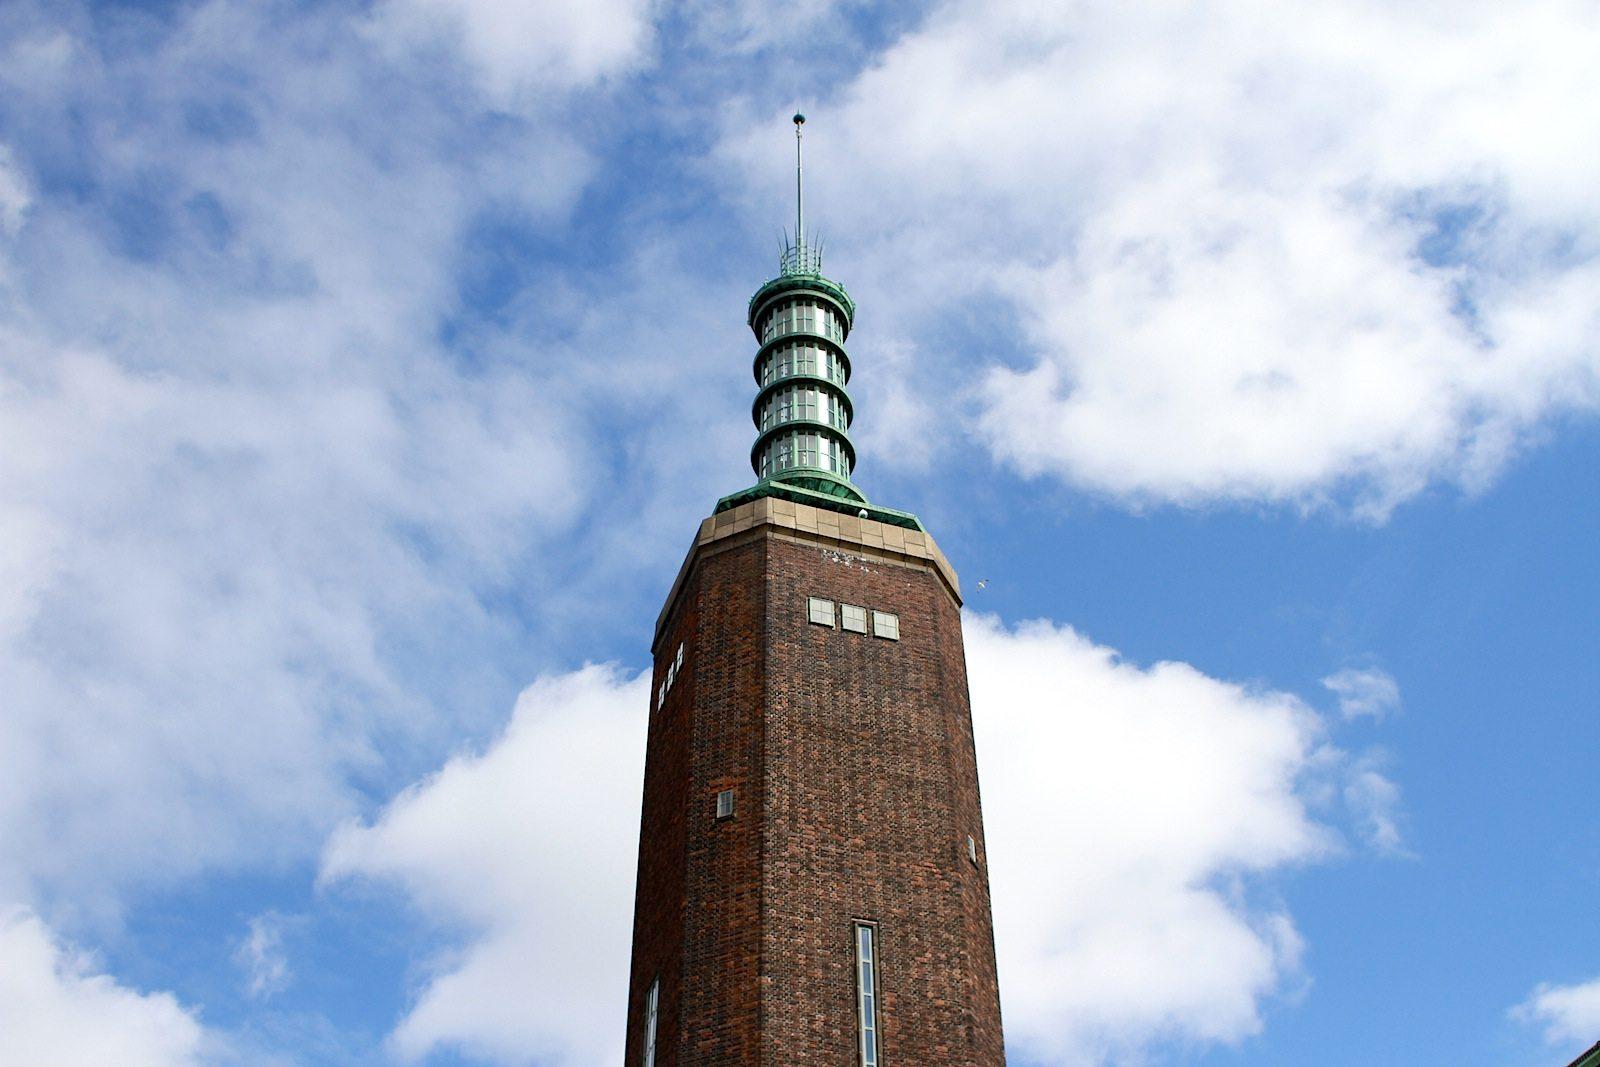 Museum Boijmans van Beuningen.  Das größte Kunstmuseum der Stadt beherbergt zahlreiche Gemälde und Skulpturen.